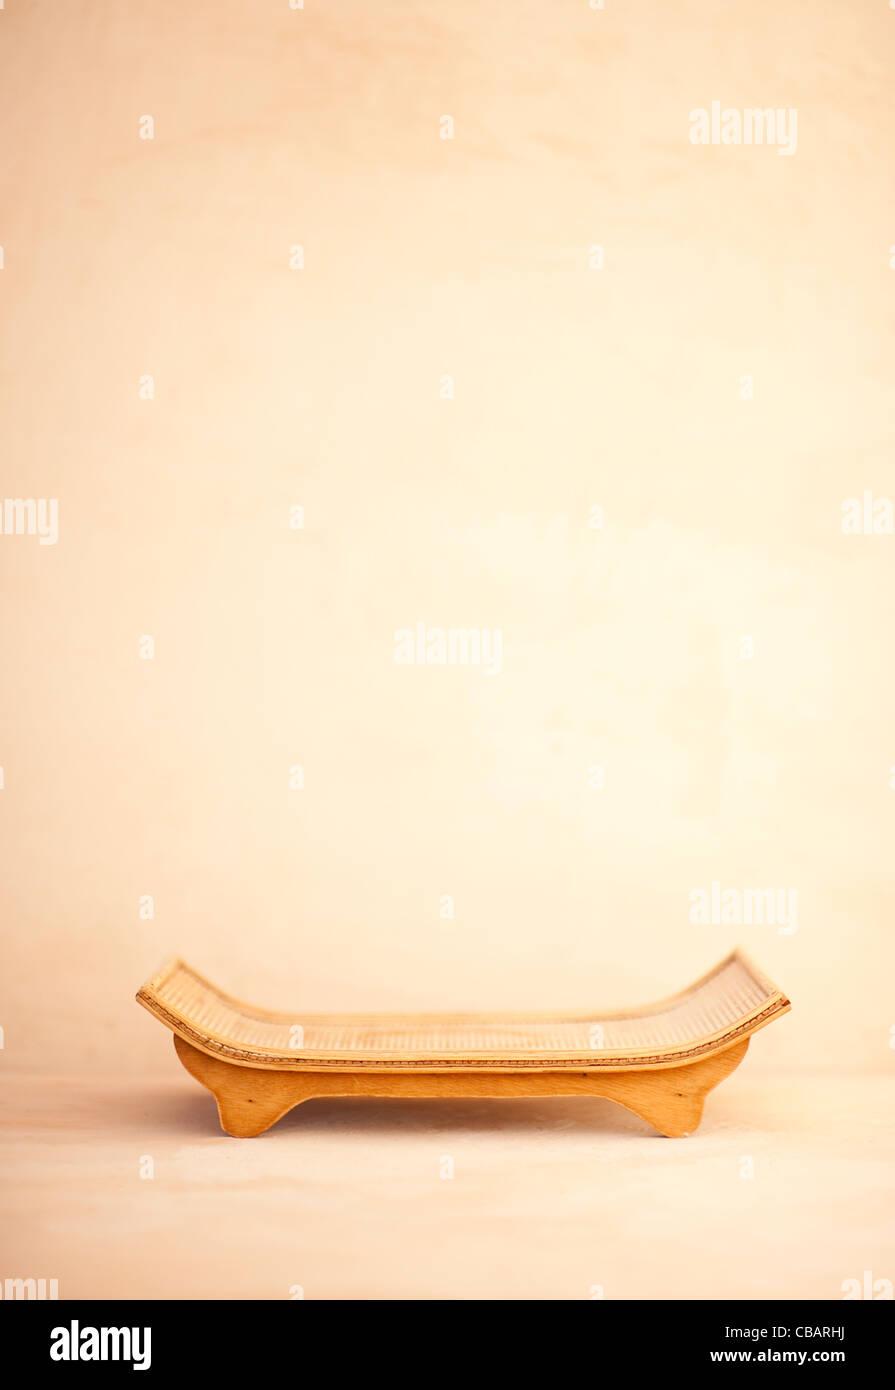 Zen vassoio di servizio semplice still life fotografia. Immagini Stock